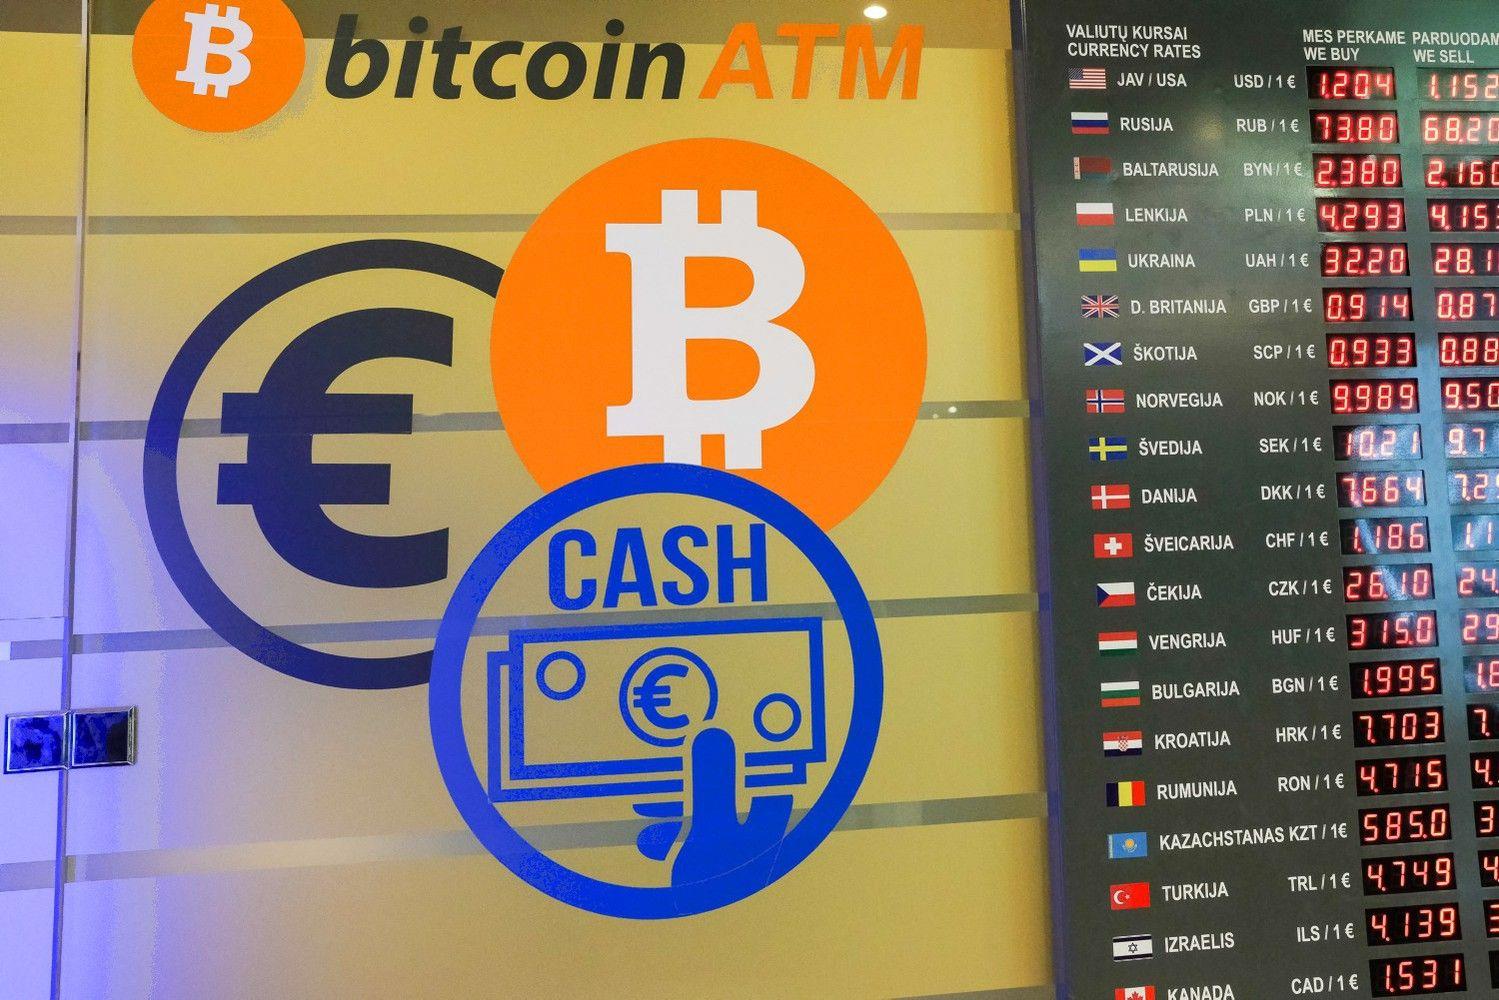 Bitkoinas kainuoja daugiau kaip 14.000 USD (jau nebe - 15.000 (ne - jau 16.000))